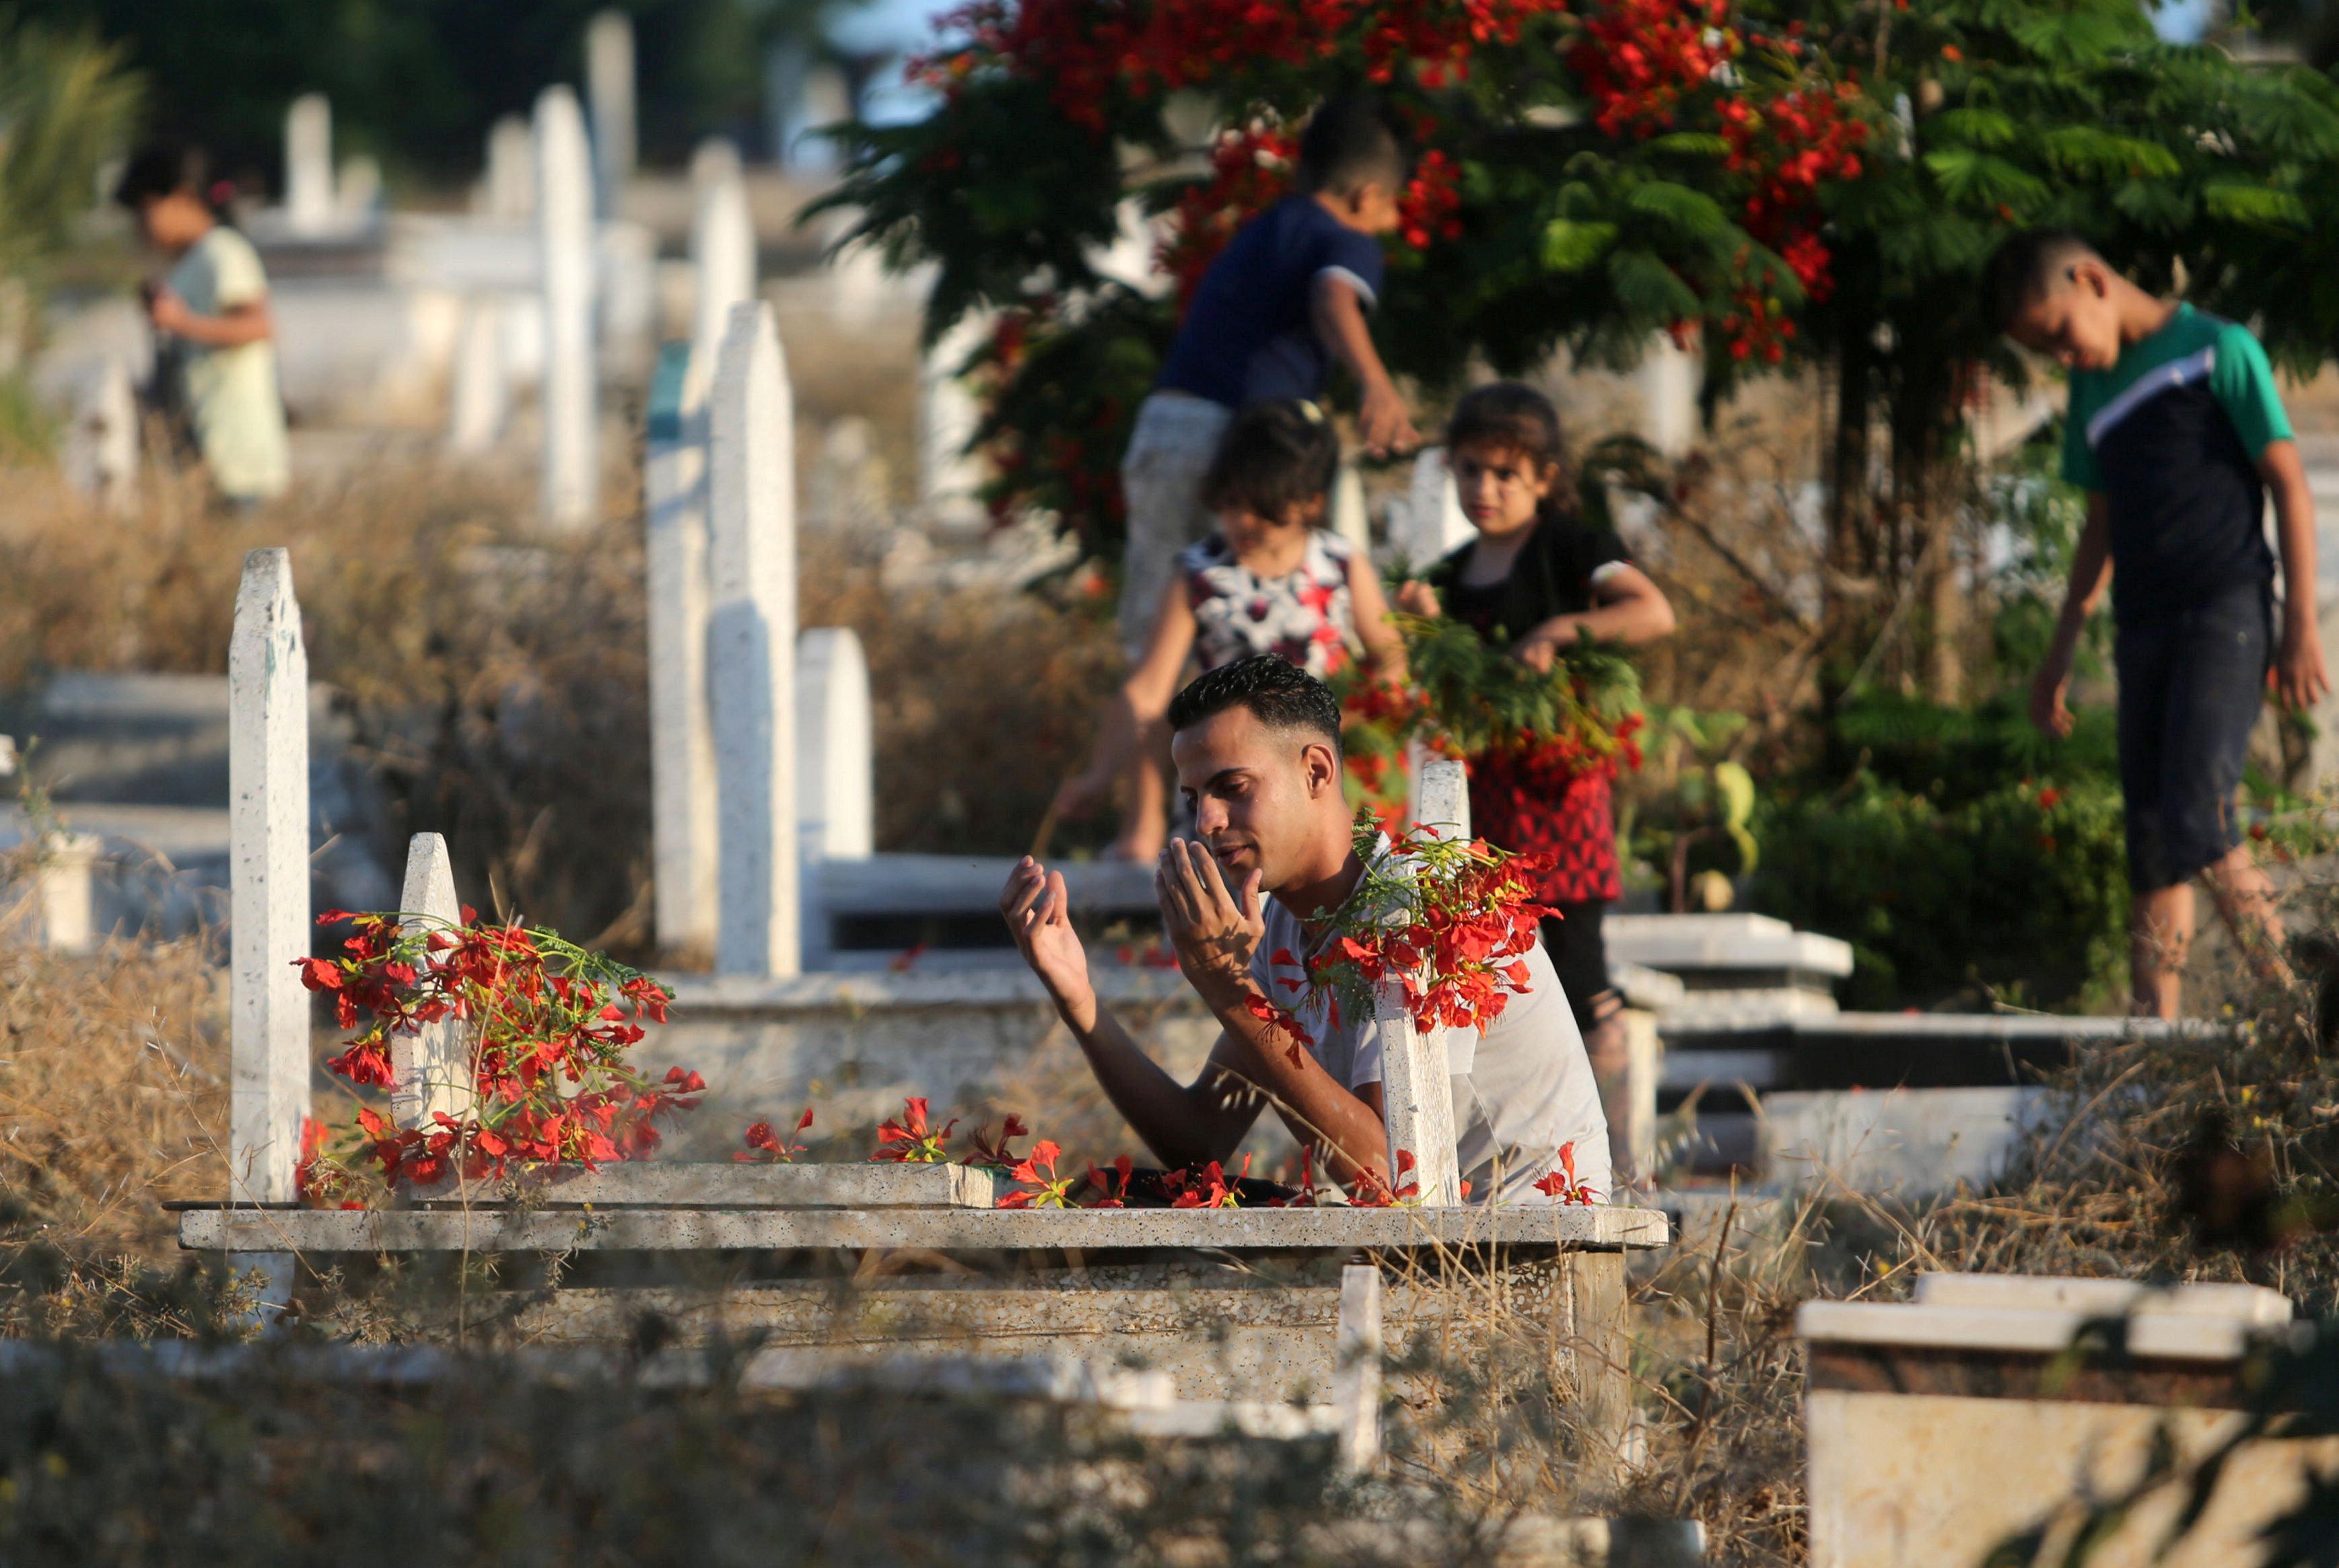 شاب فلسطينى يصلى بجوار القبر